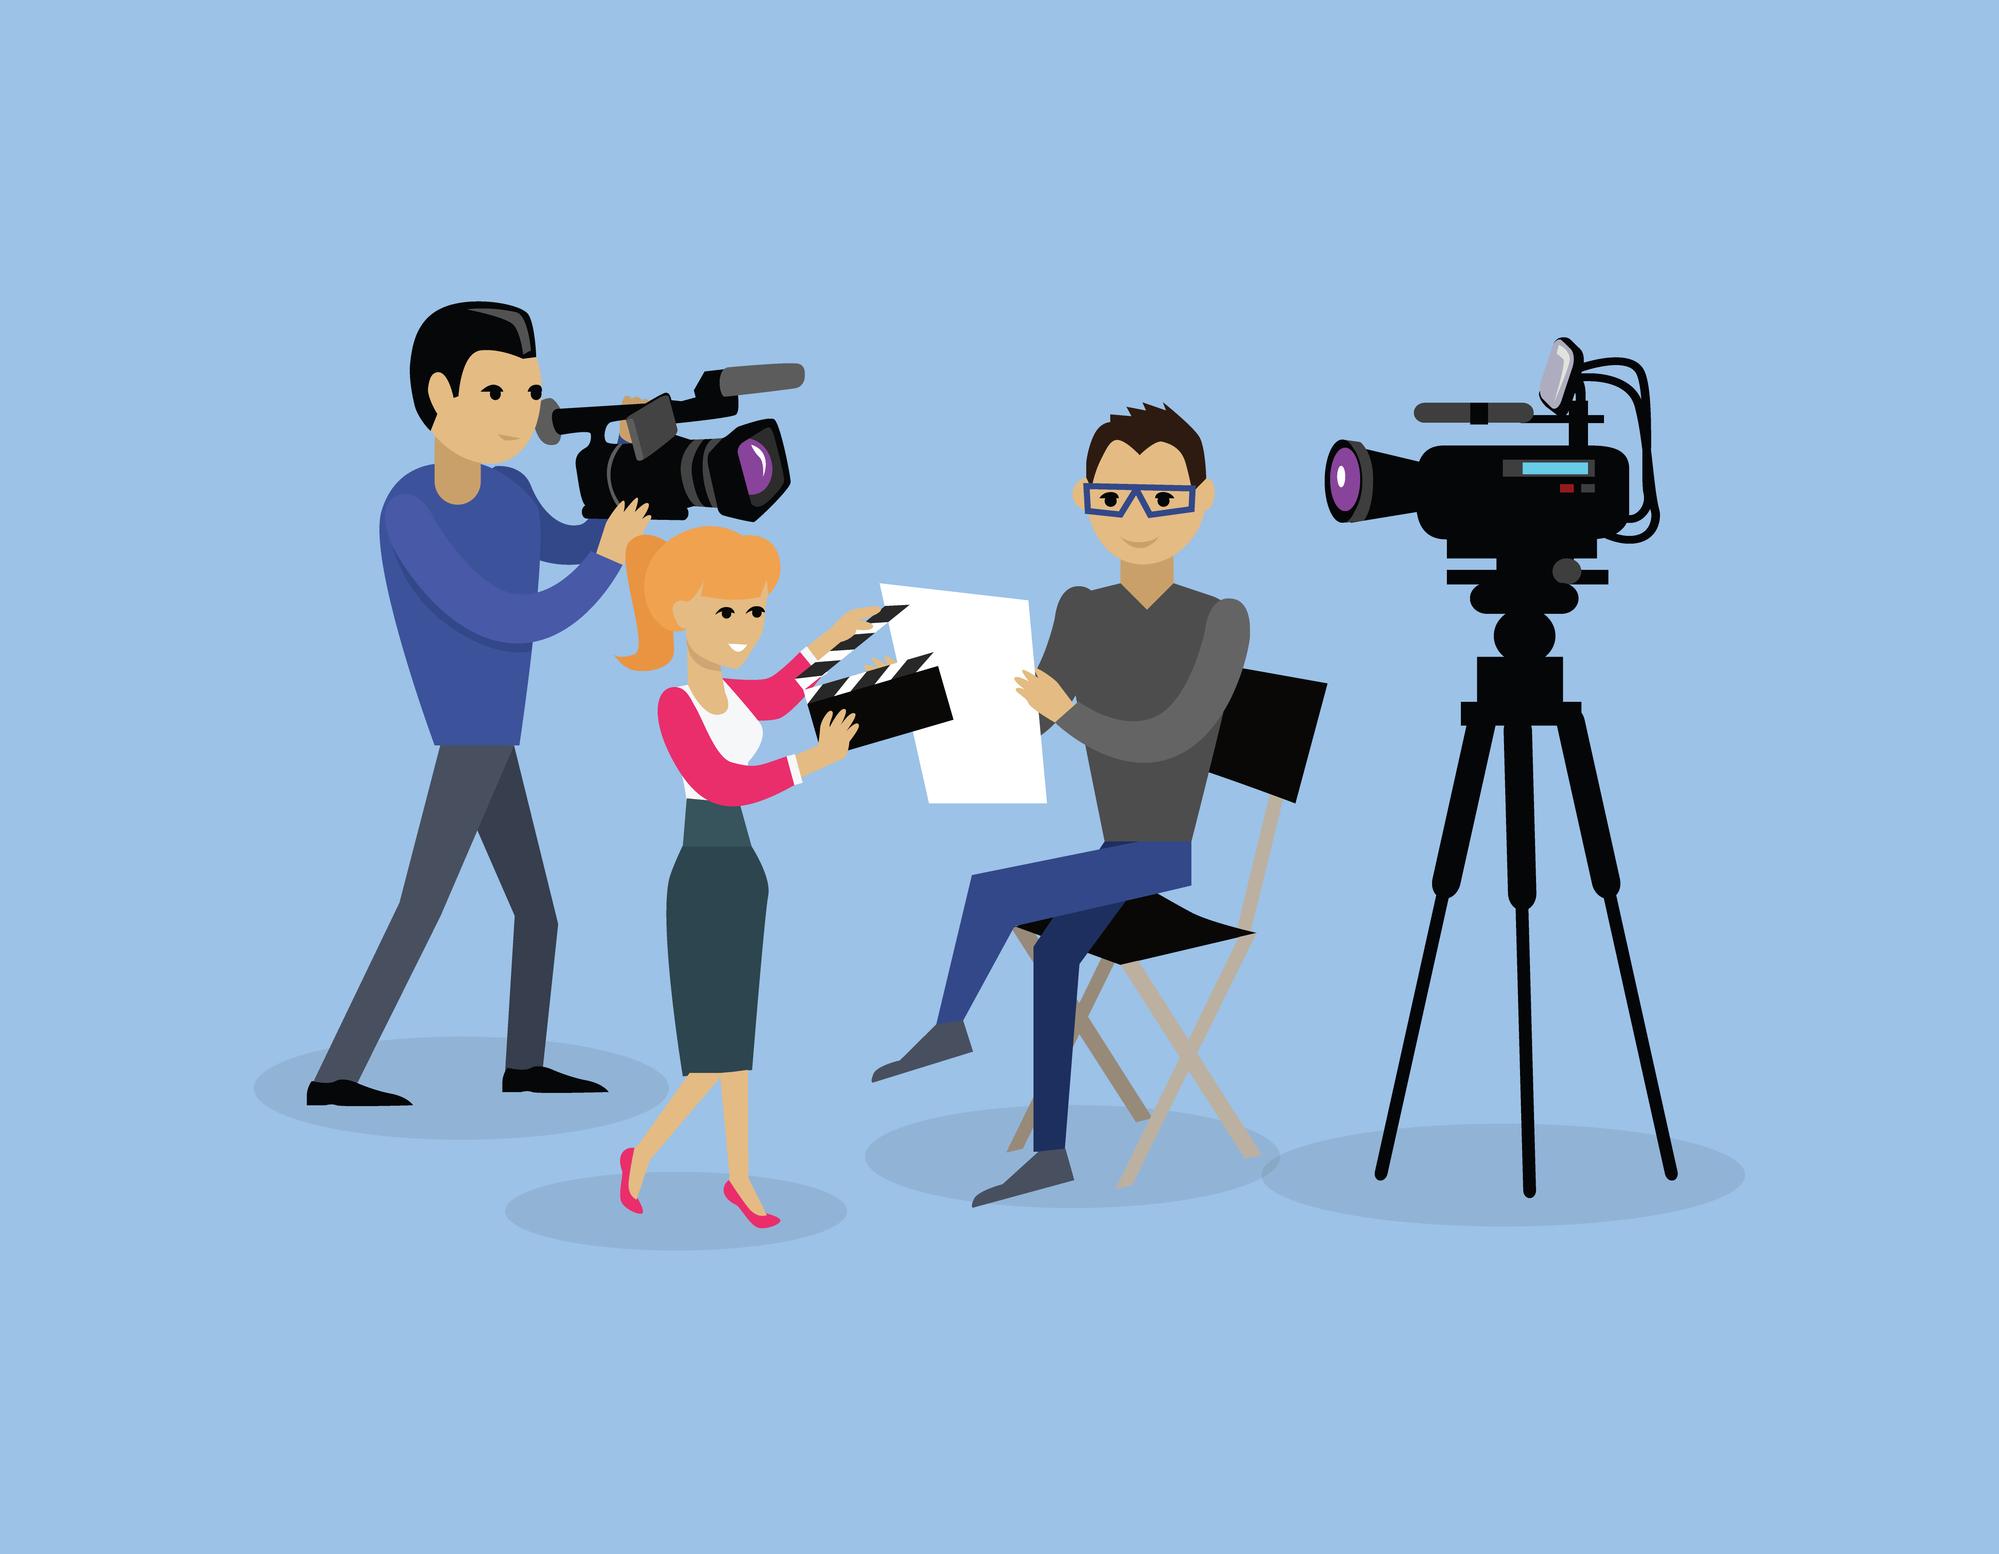 Как чат-бот Staff Bot помогает искать актеров и заключать с ними электронные договоры и еще немного интересного о бот-индустрии